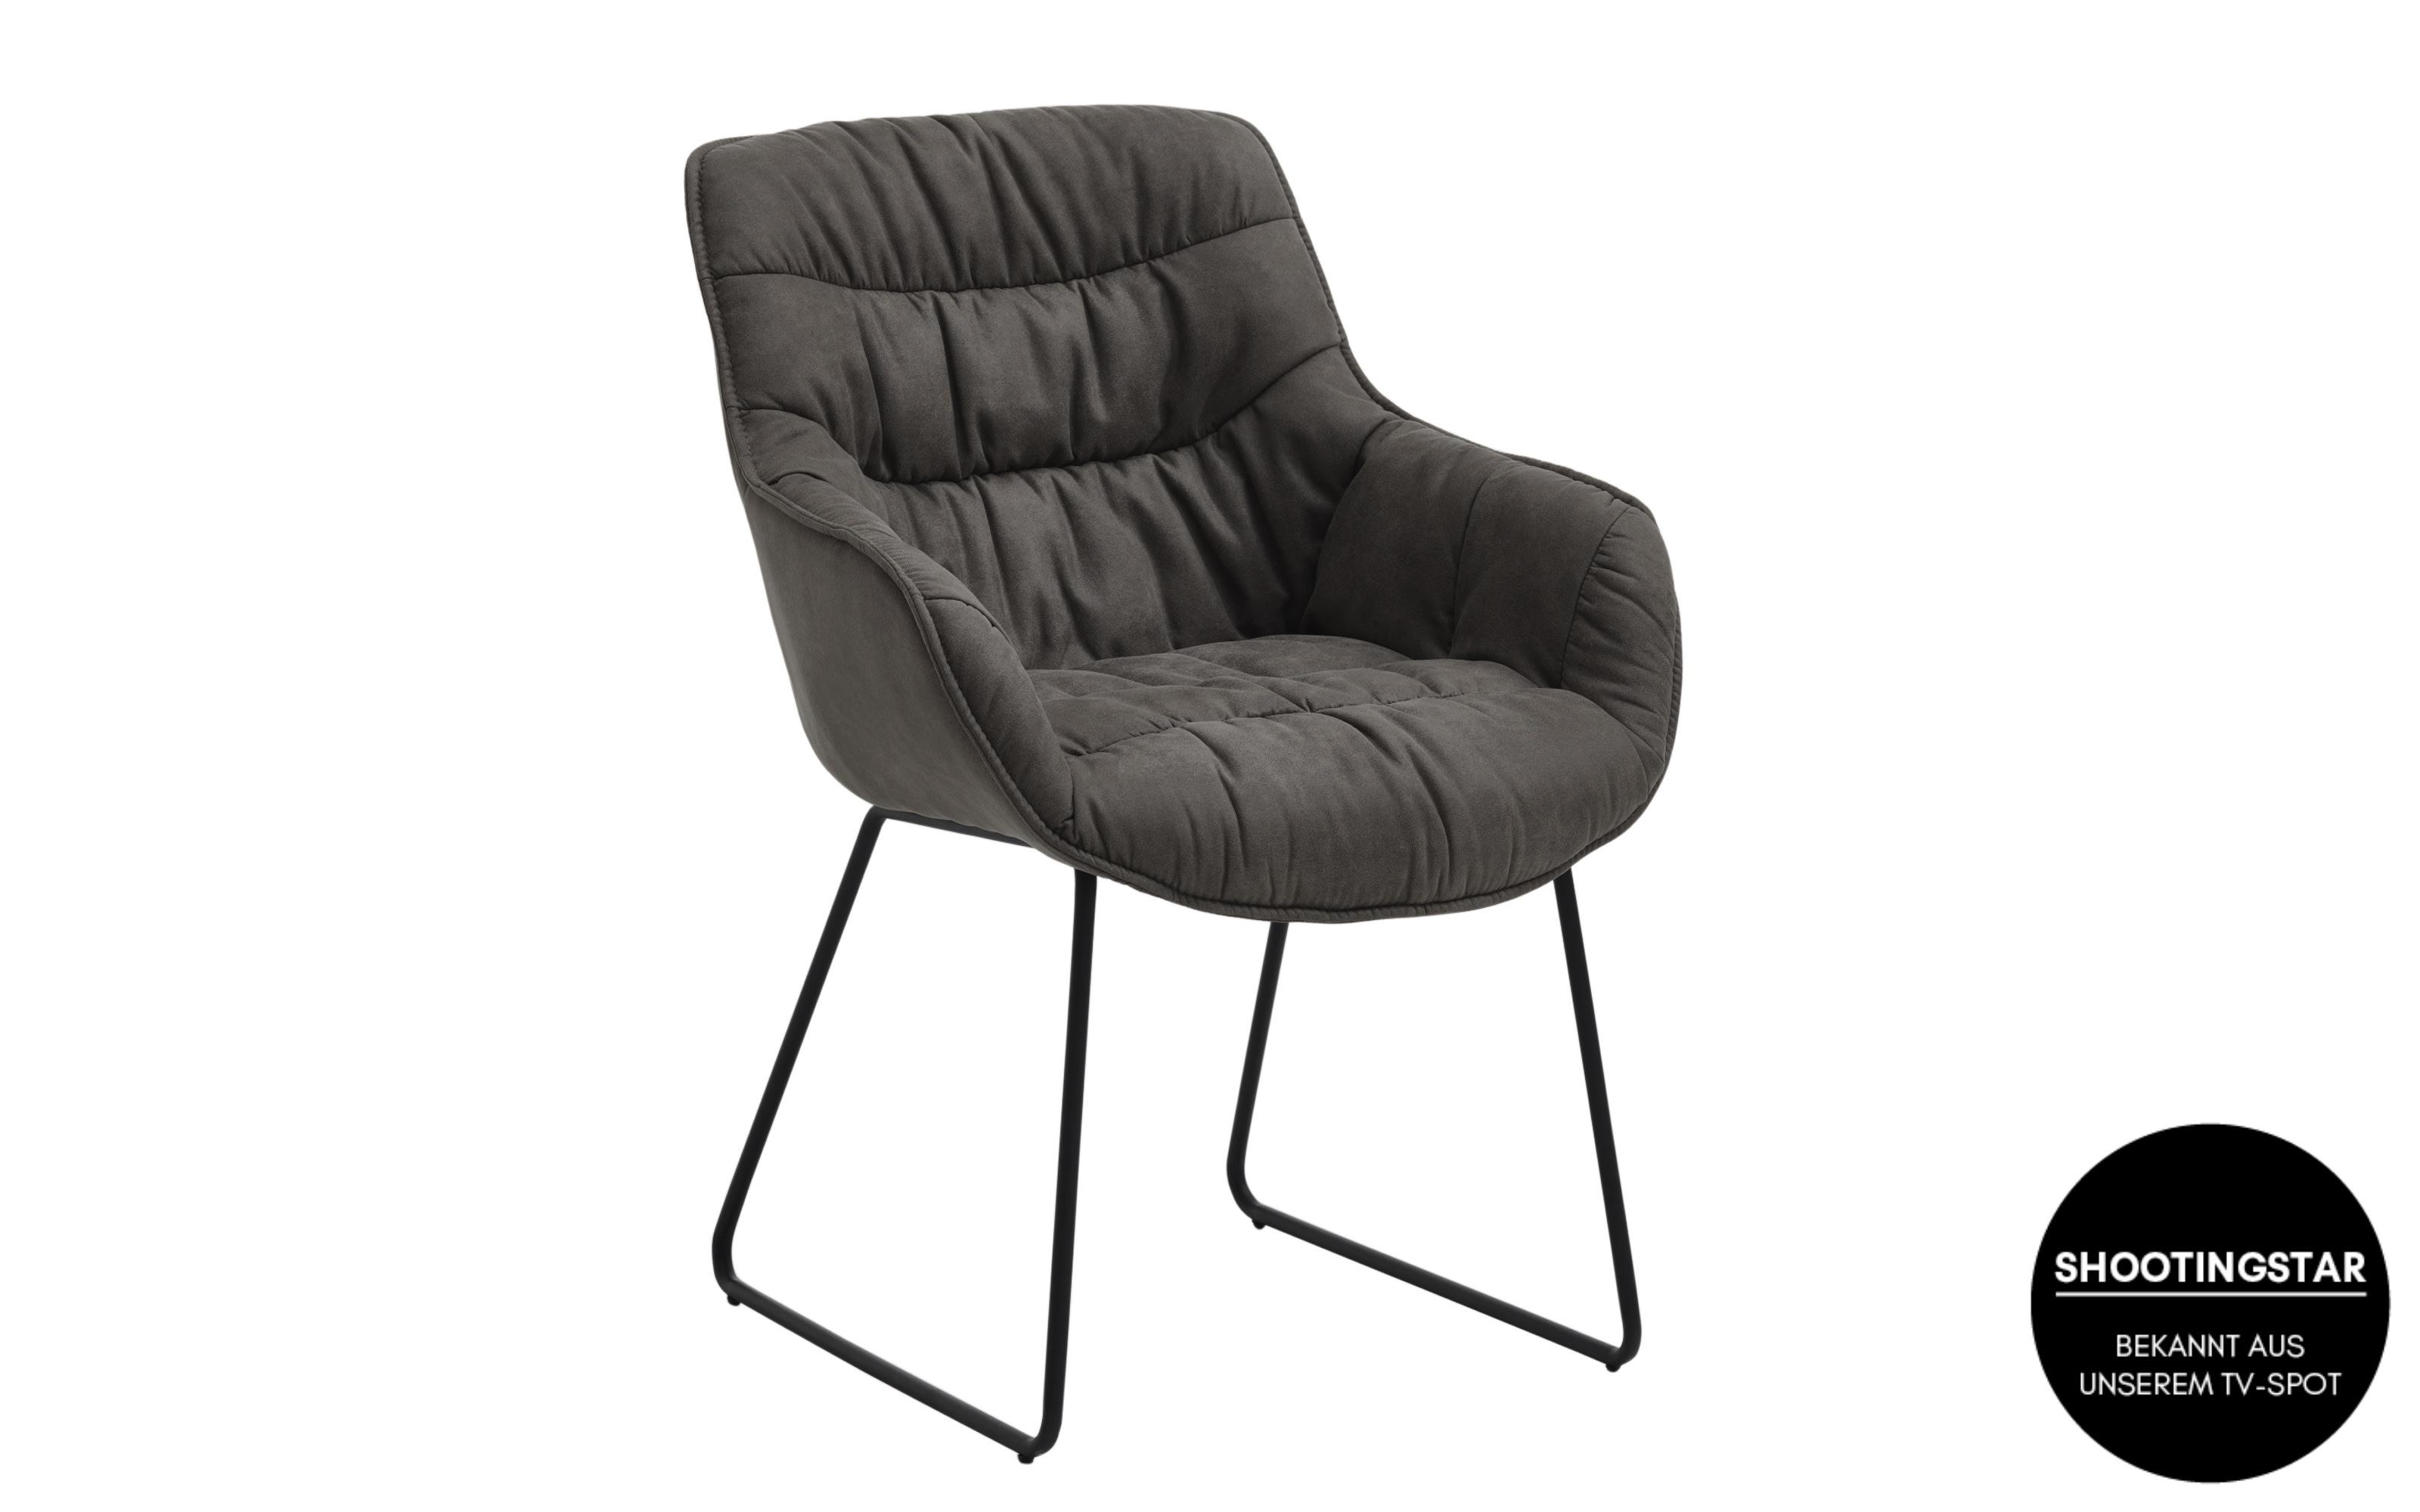 Sessel Fluffy in graphit, mit schwarzem Kufengestell aus Eisen